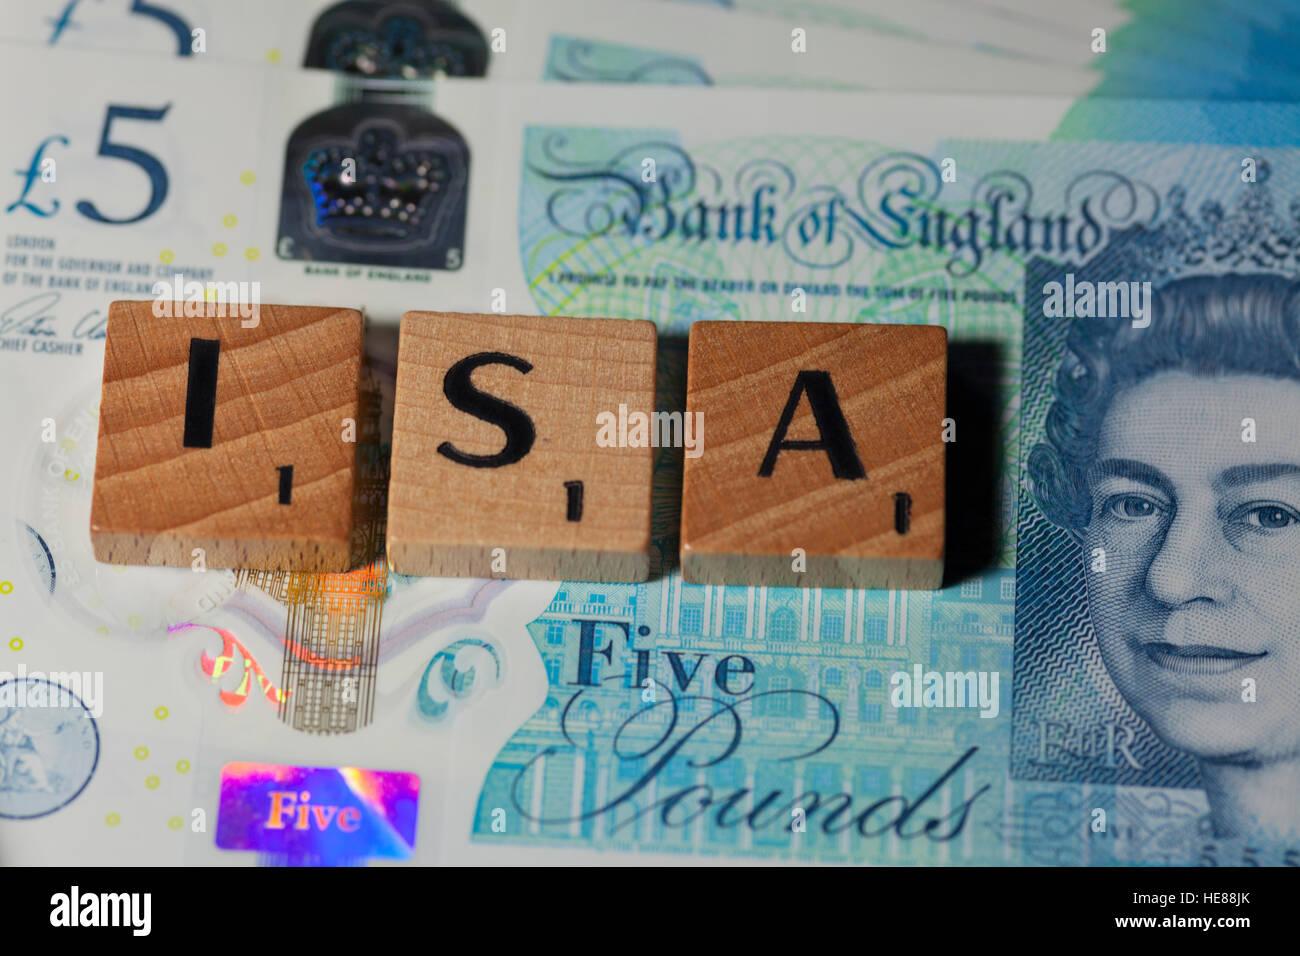 Cash isa tax free savings - Stock Image